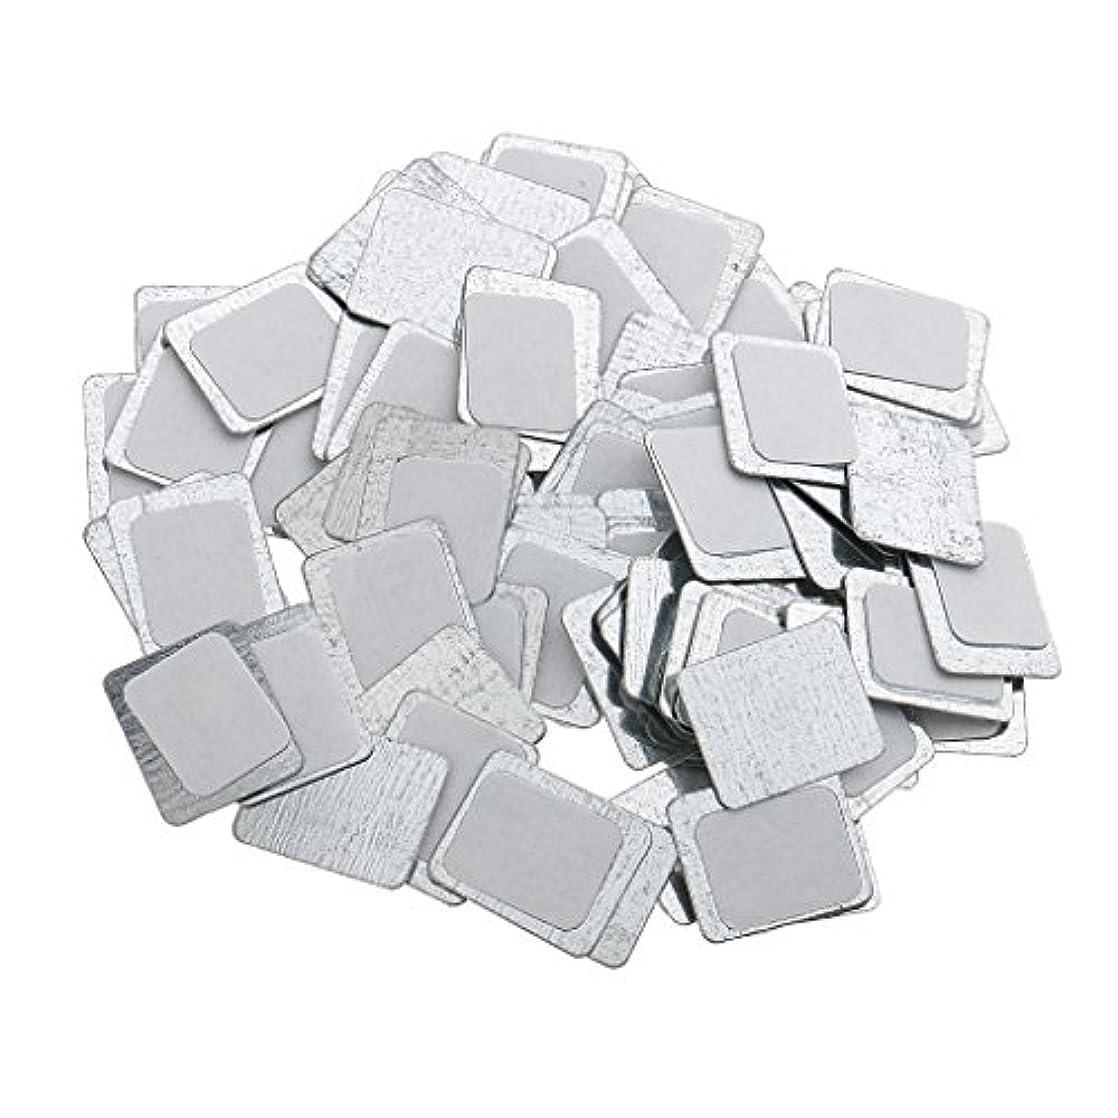 未満保守的科学者Kesoto 約100個 メイクアップパン 空パン アイシャドー ブラッシュ メイクアップ 磁気パレットボックスケース 2タイプ選べ - スクエア